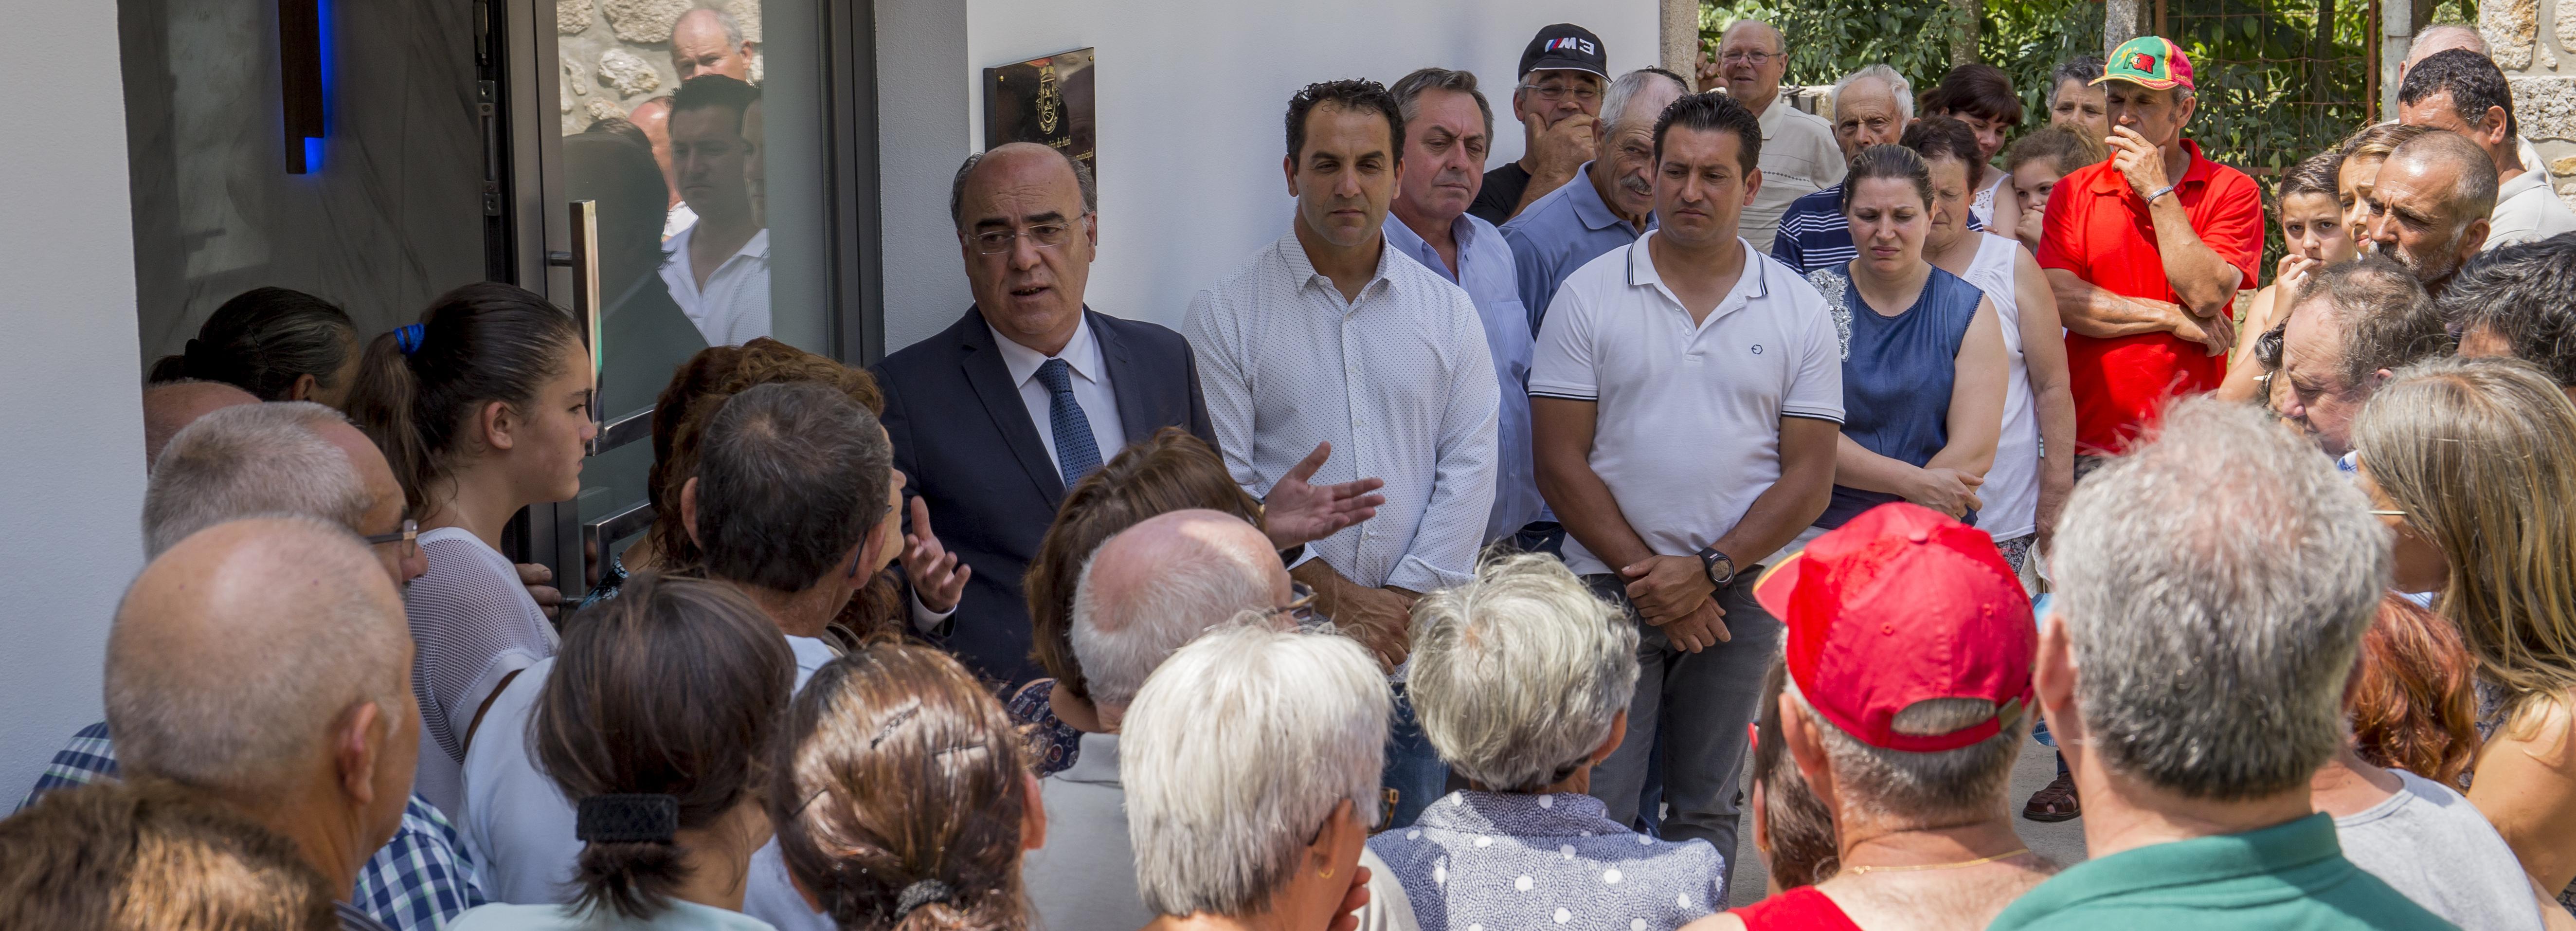 Presidente da Câmara inaugurou Casa Mortuária de Airó